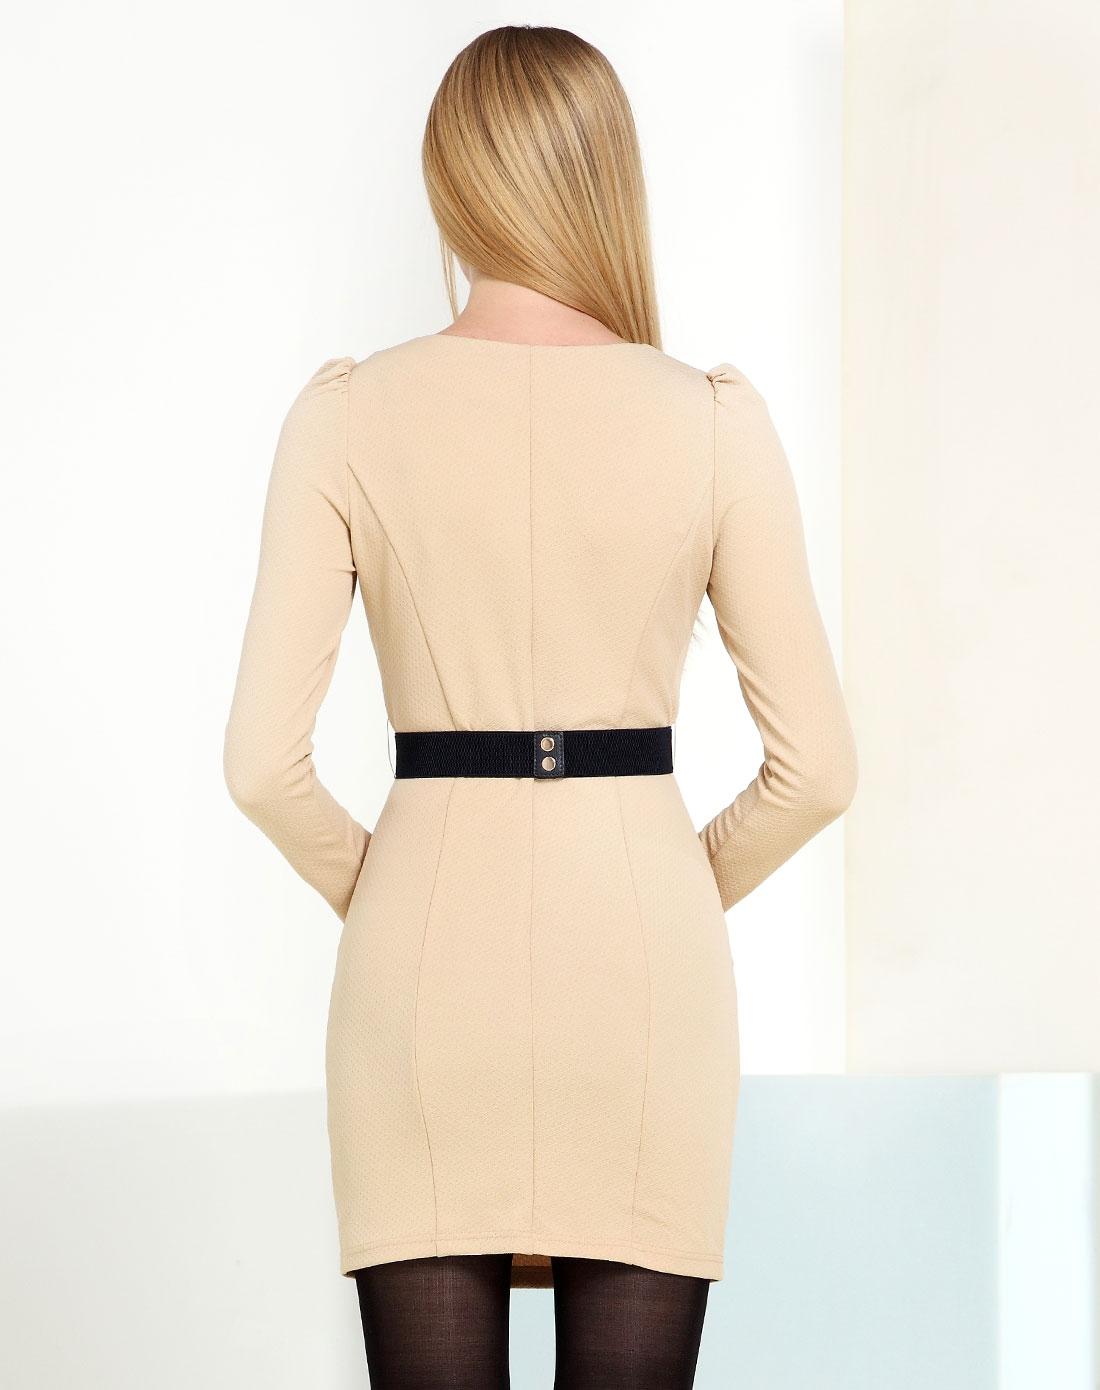 2014年新款 米色圆领淑女修身长袖连衣裙